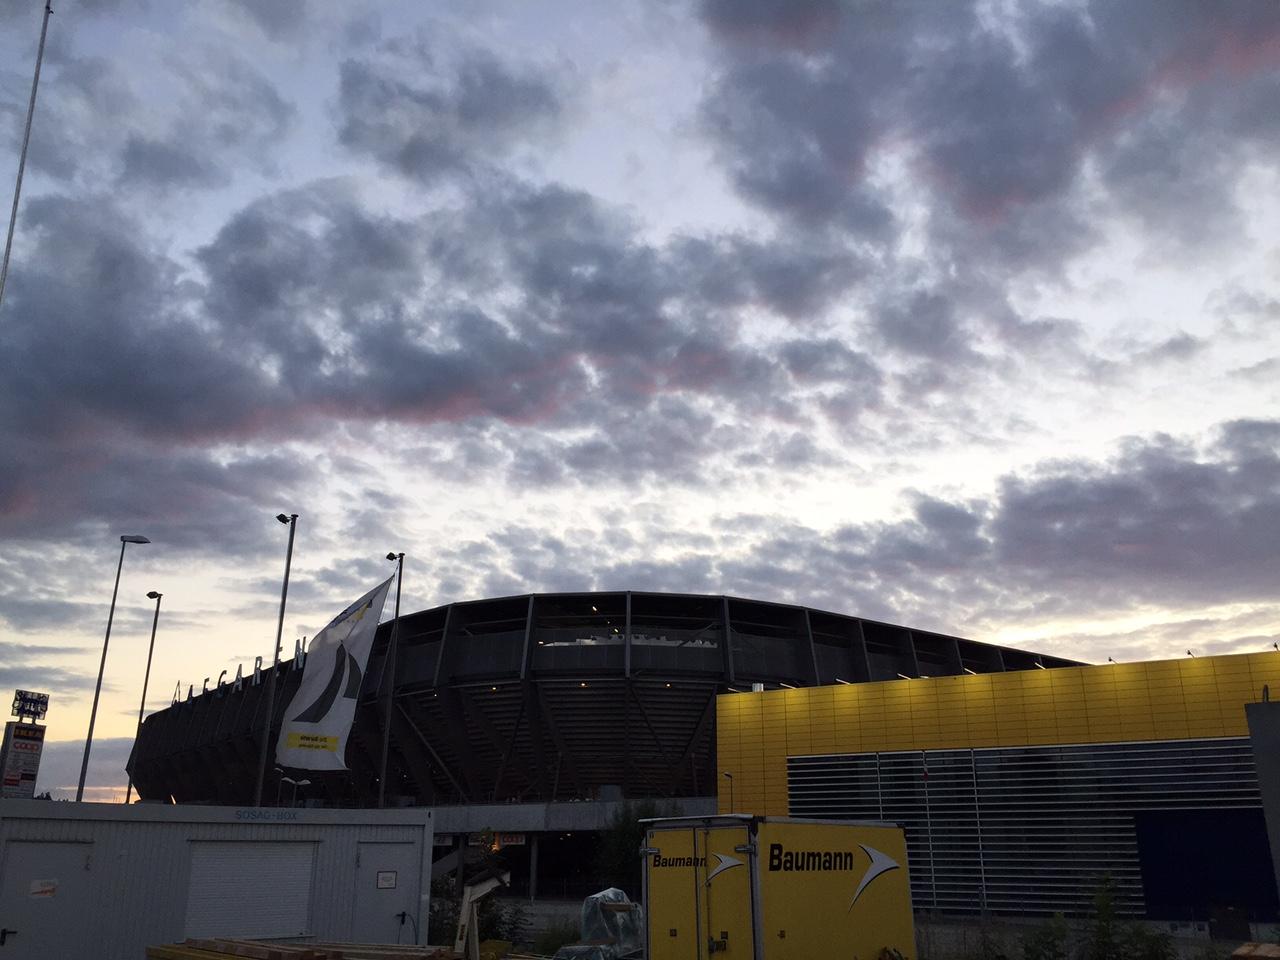 Mitten im Baustellen- und Einkaufszentrum-Wirrwar befindet sich die AFG Arena